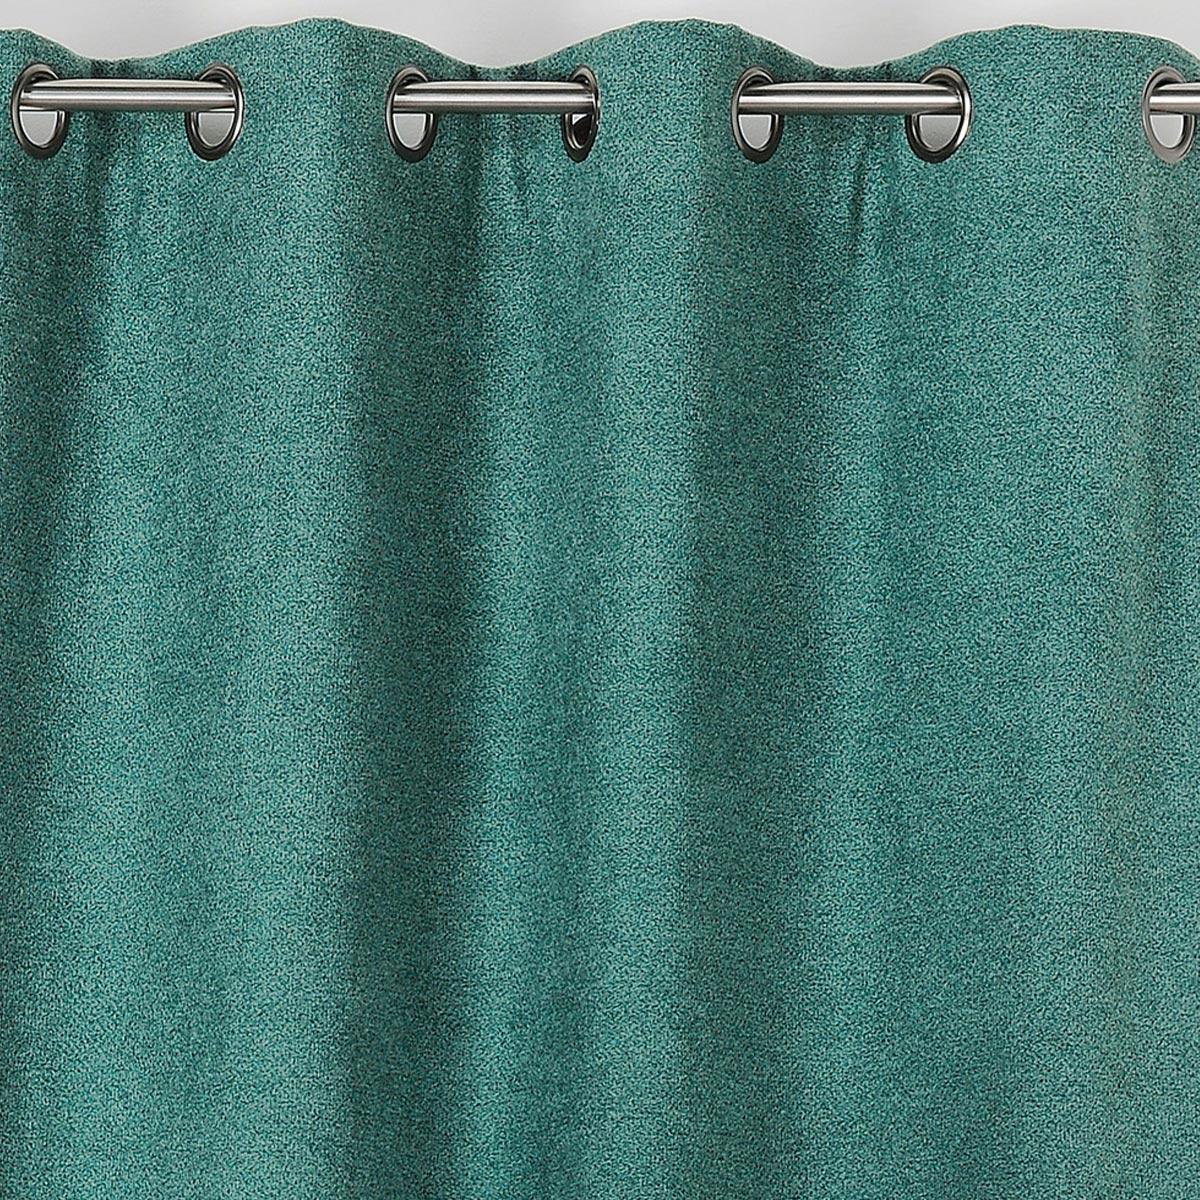 Rideau obscurcissant aspect laine chinée - VERT SAPIN - 140 x 250 cm